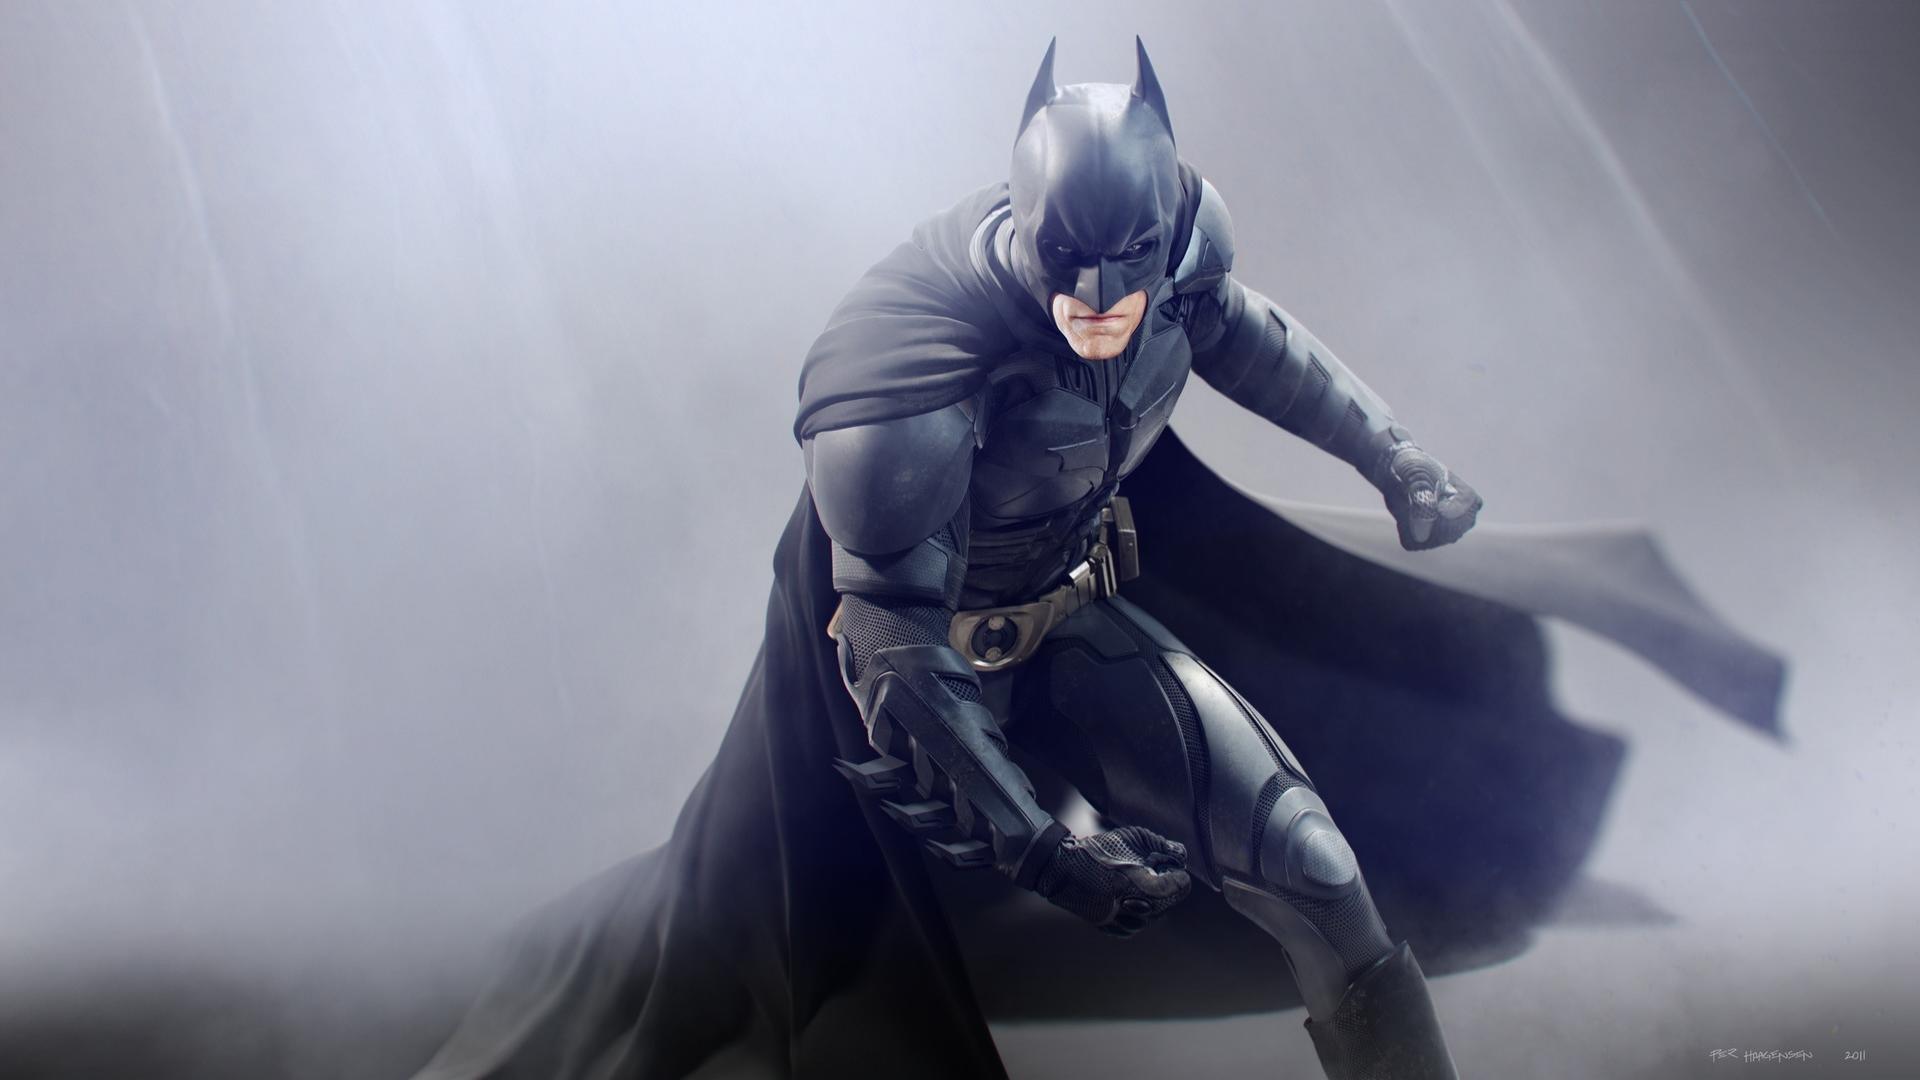 High Resolution The Dark Knight Rises Full Hd Wallpaper Id 161251